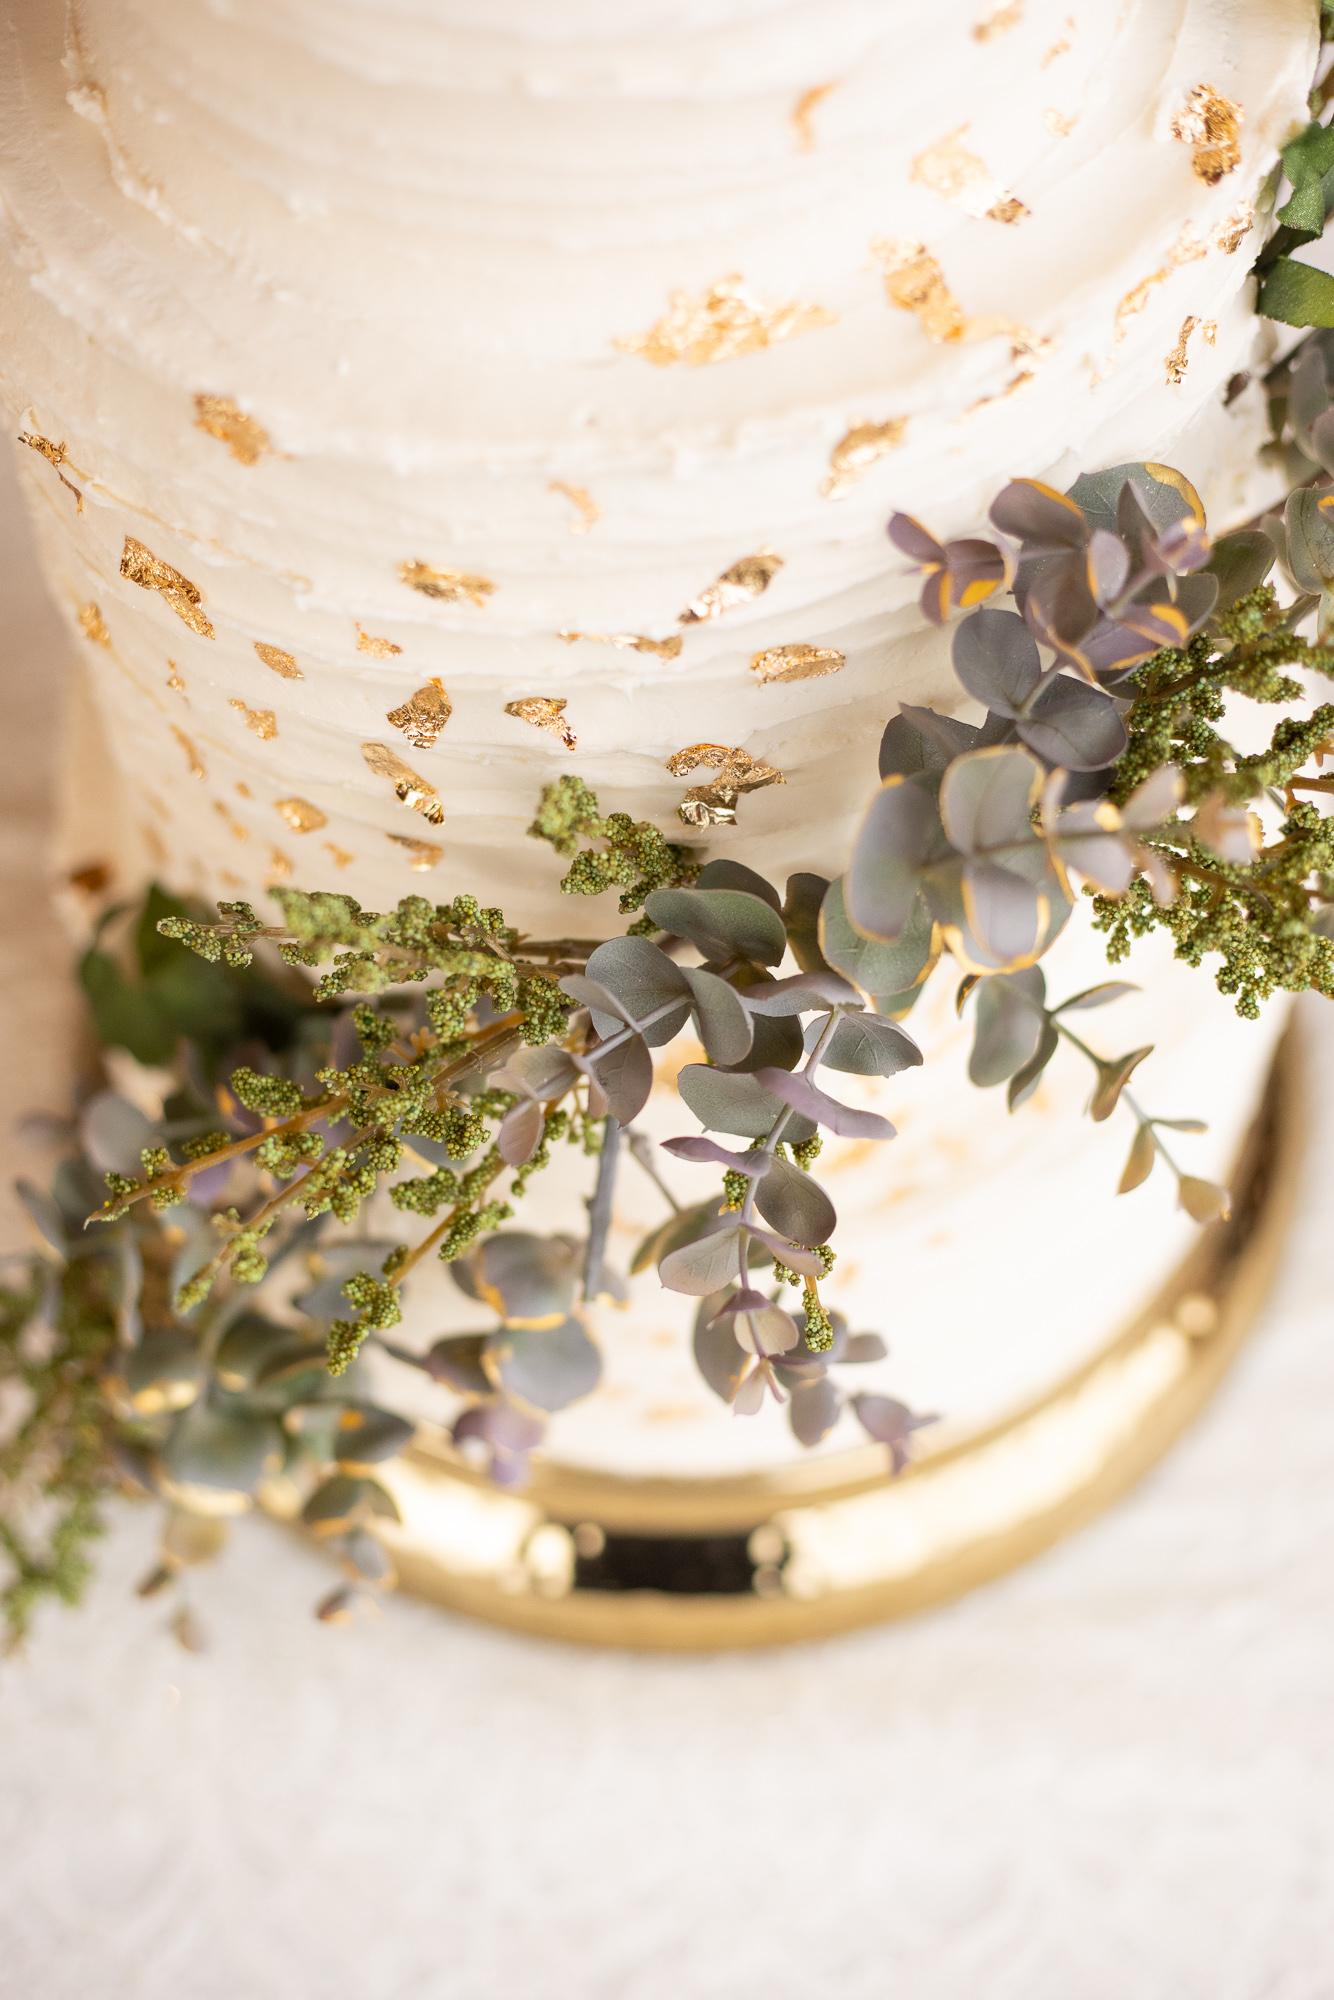 Nizhoni Bakery wedding cake at autumn wedding styled shoot.